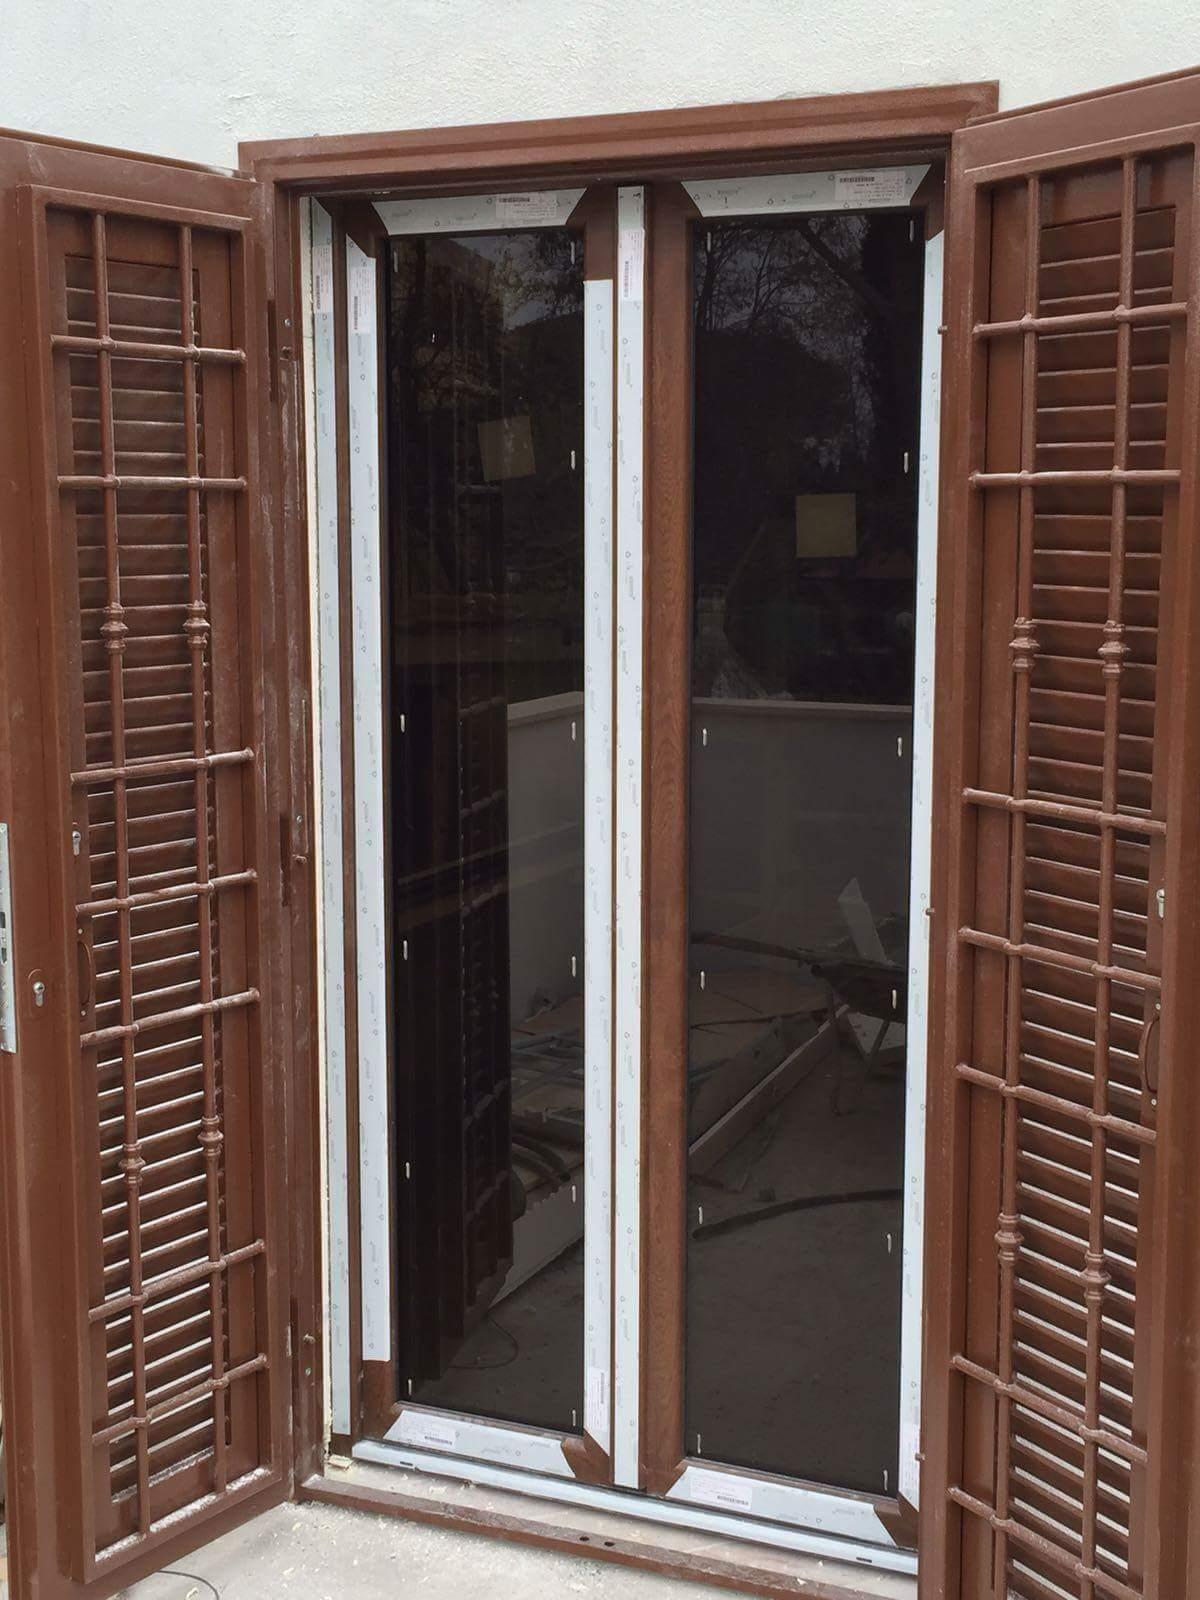 Grate per finestre grate e inferriate per finestre e porte with grate per finestre with grate - Inferriate finestre leroy merlin ...